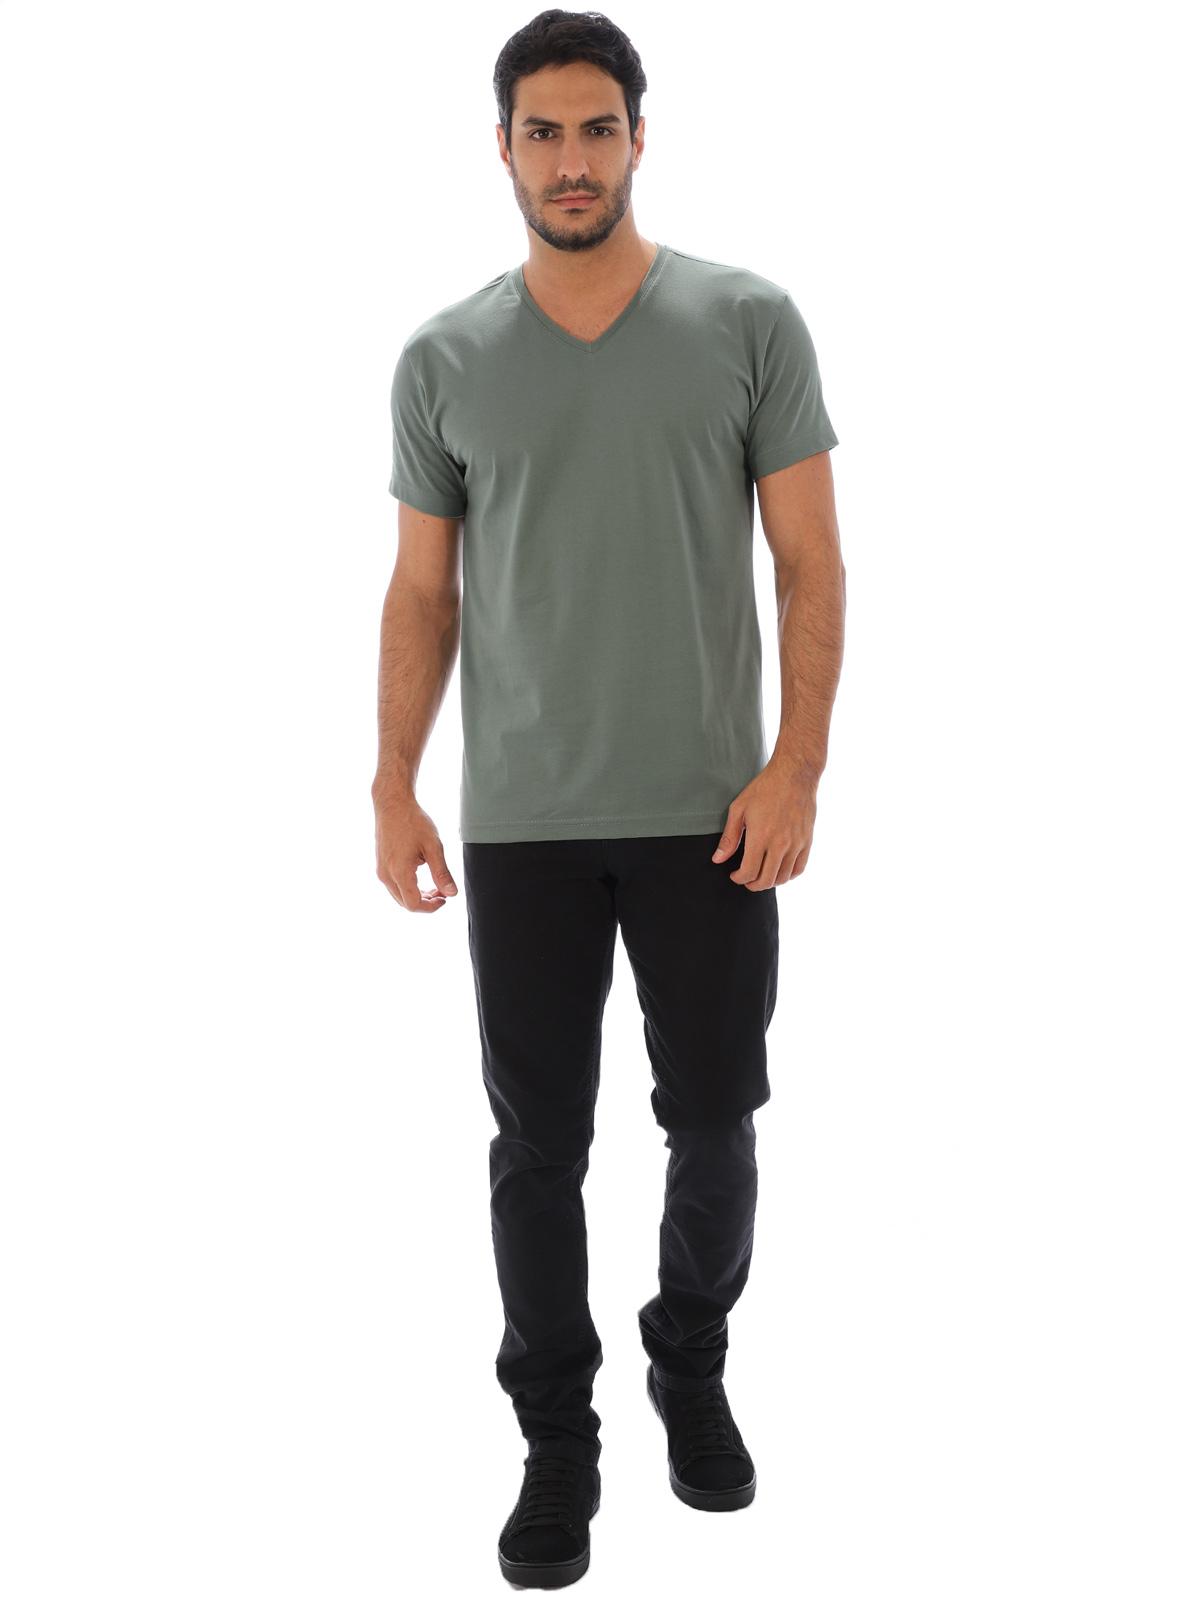 Camiseta Masculina Decote V. Algodão Slim Fit Lisa Concreto